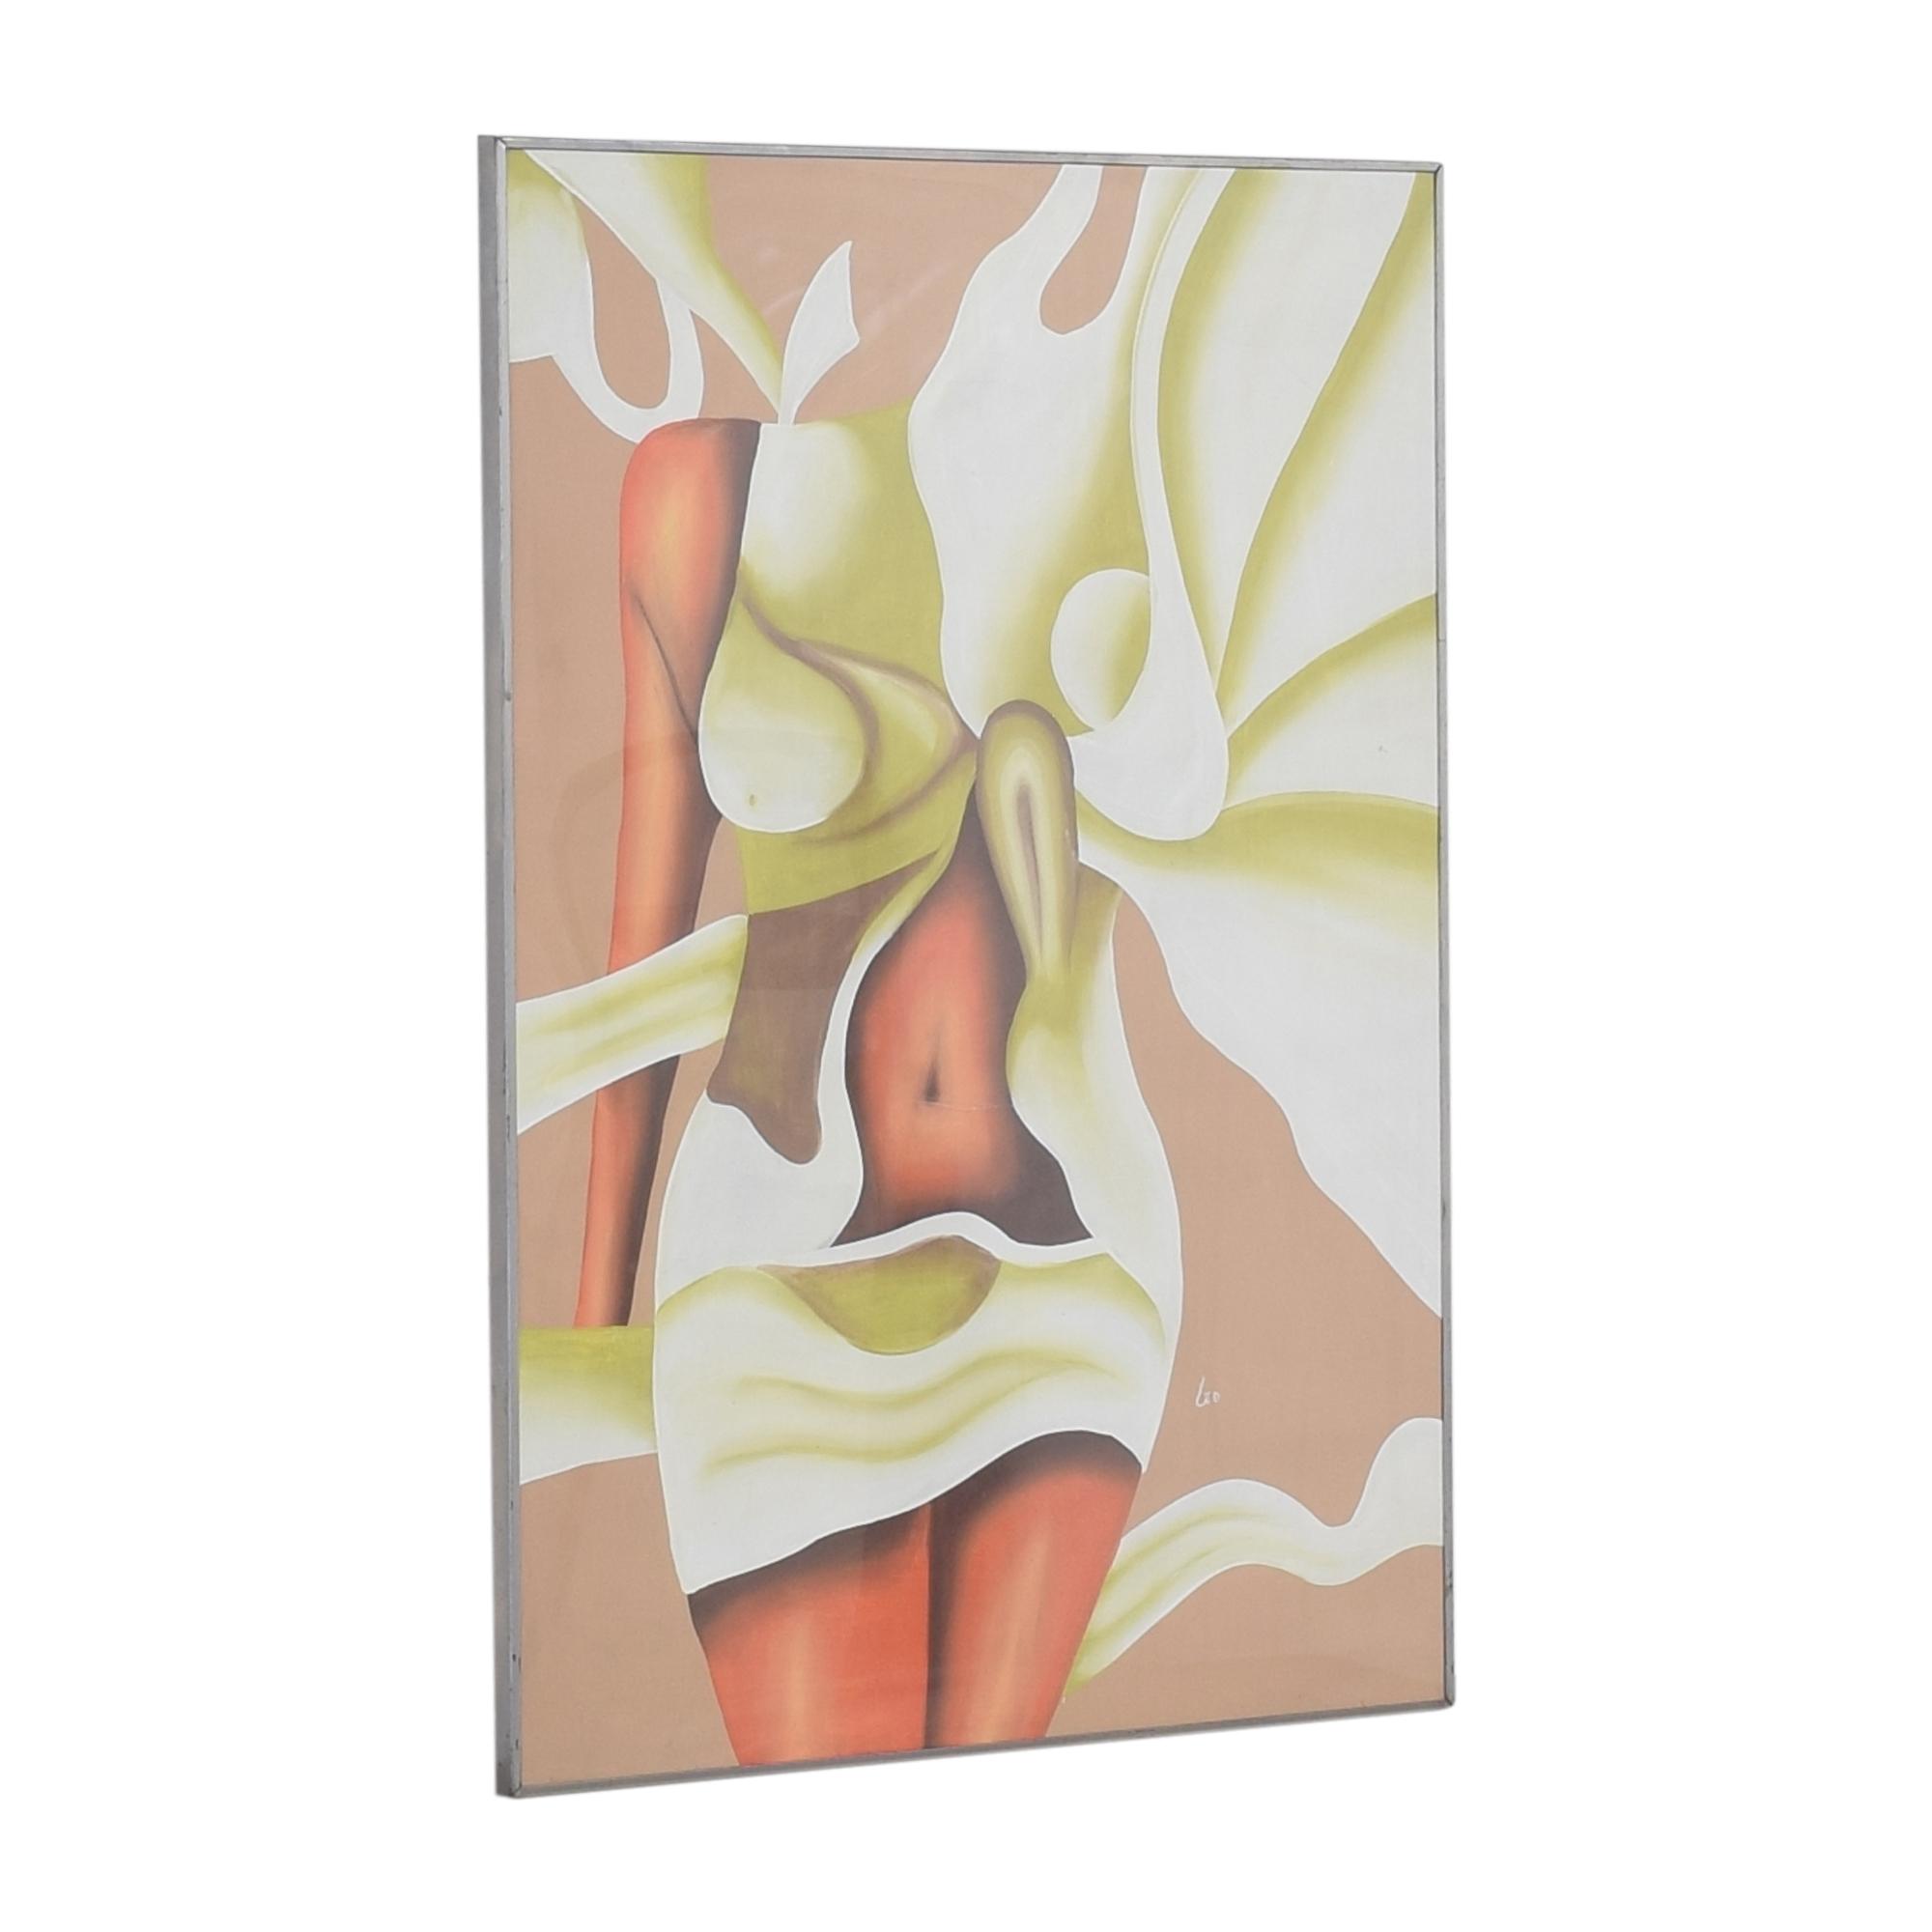 Framed Wall Art for sale